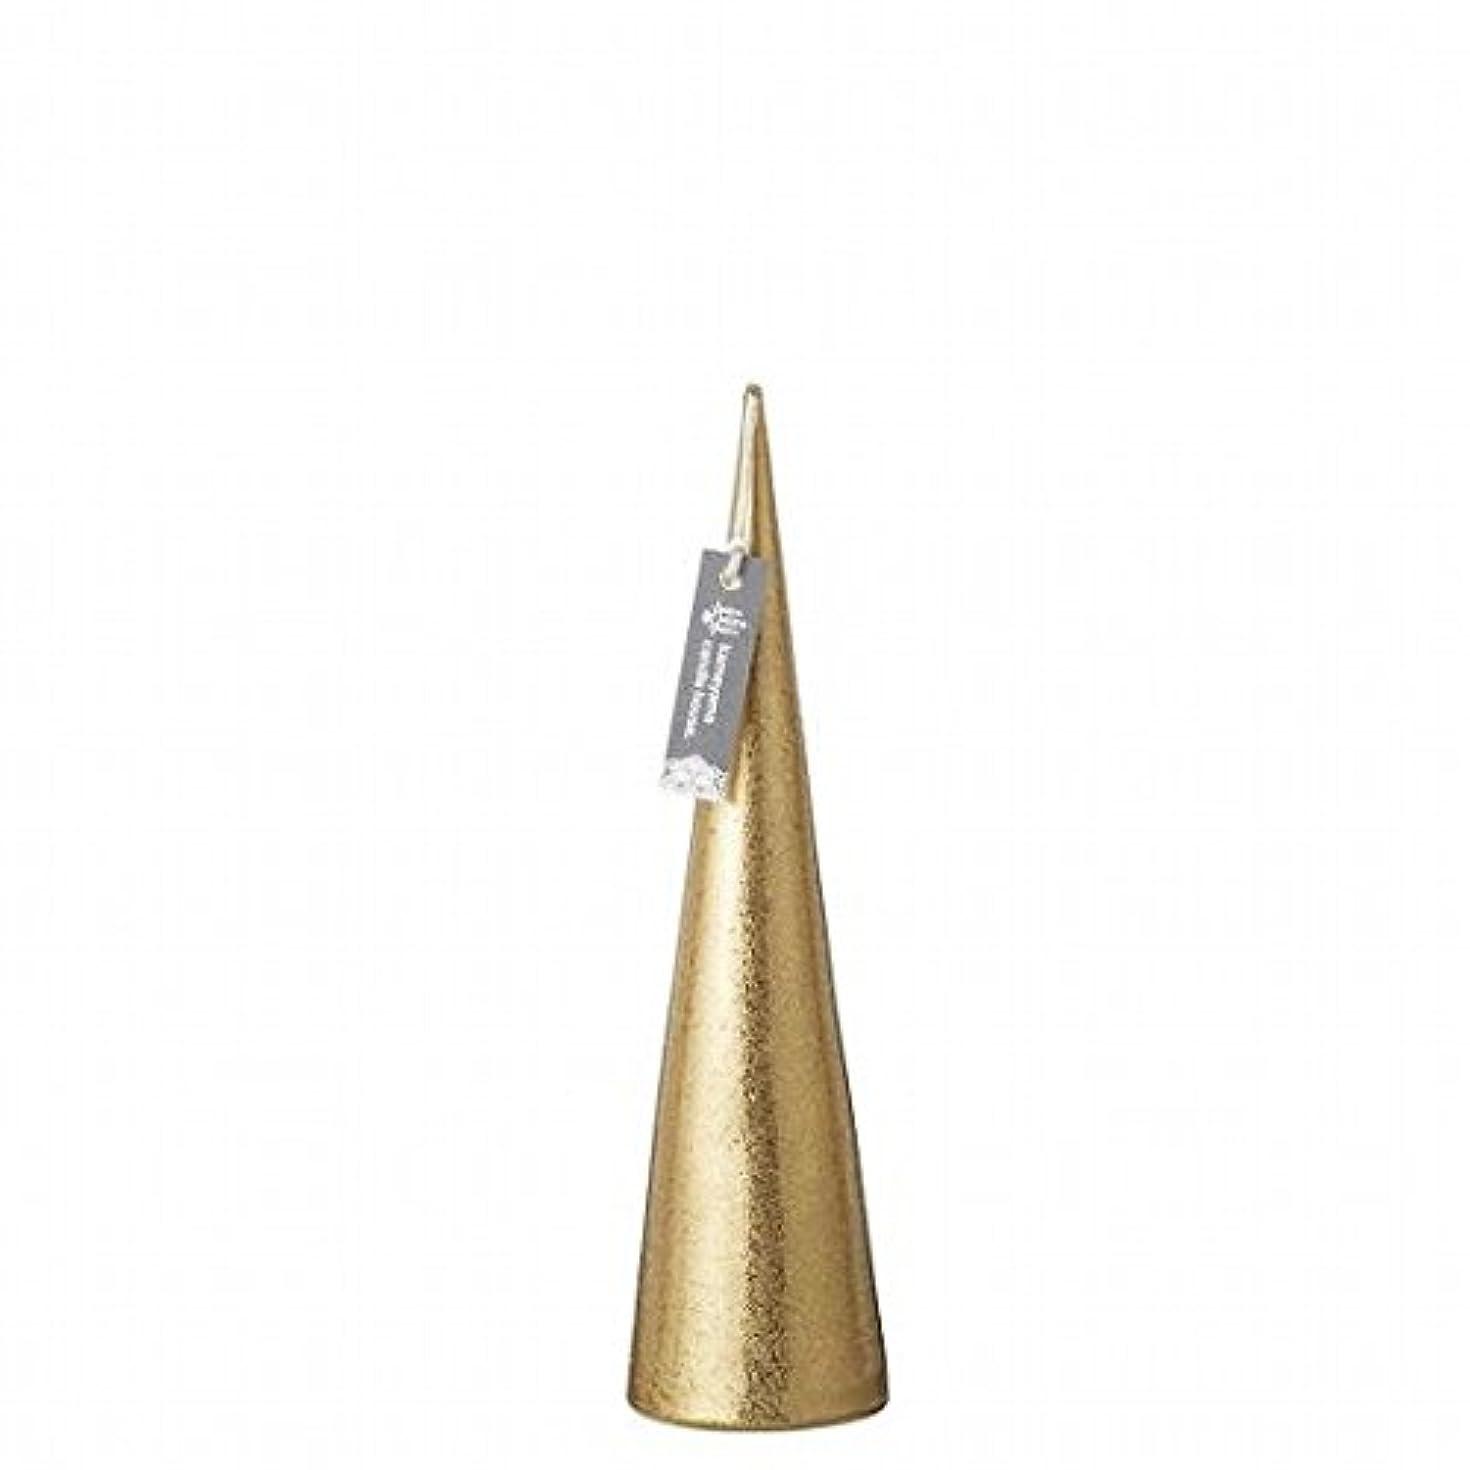 別れるビット裕福なkameyama candle(カメヤマキャンドル) メタリックコーンM「 ゴールド 」(A9560110GO)